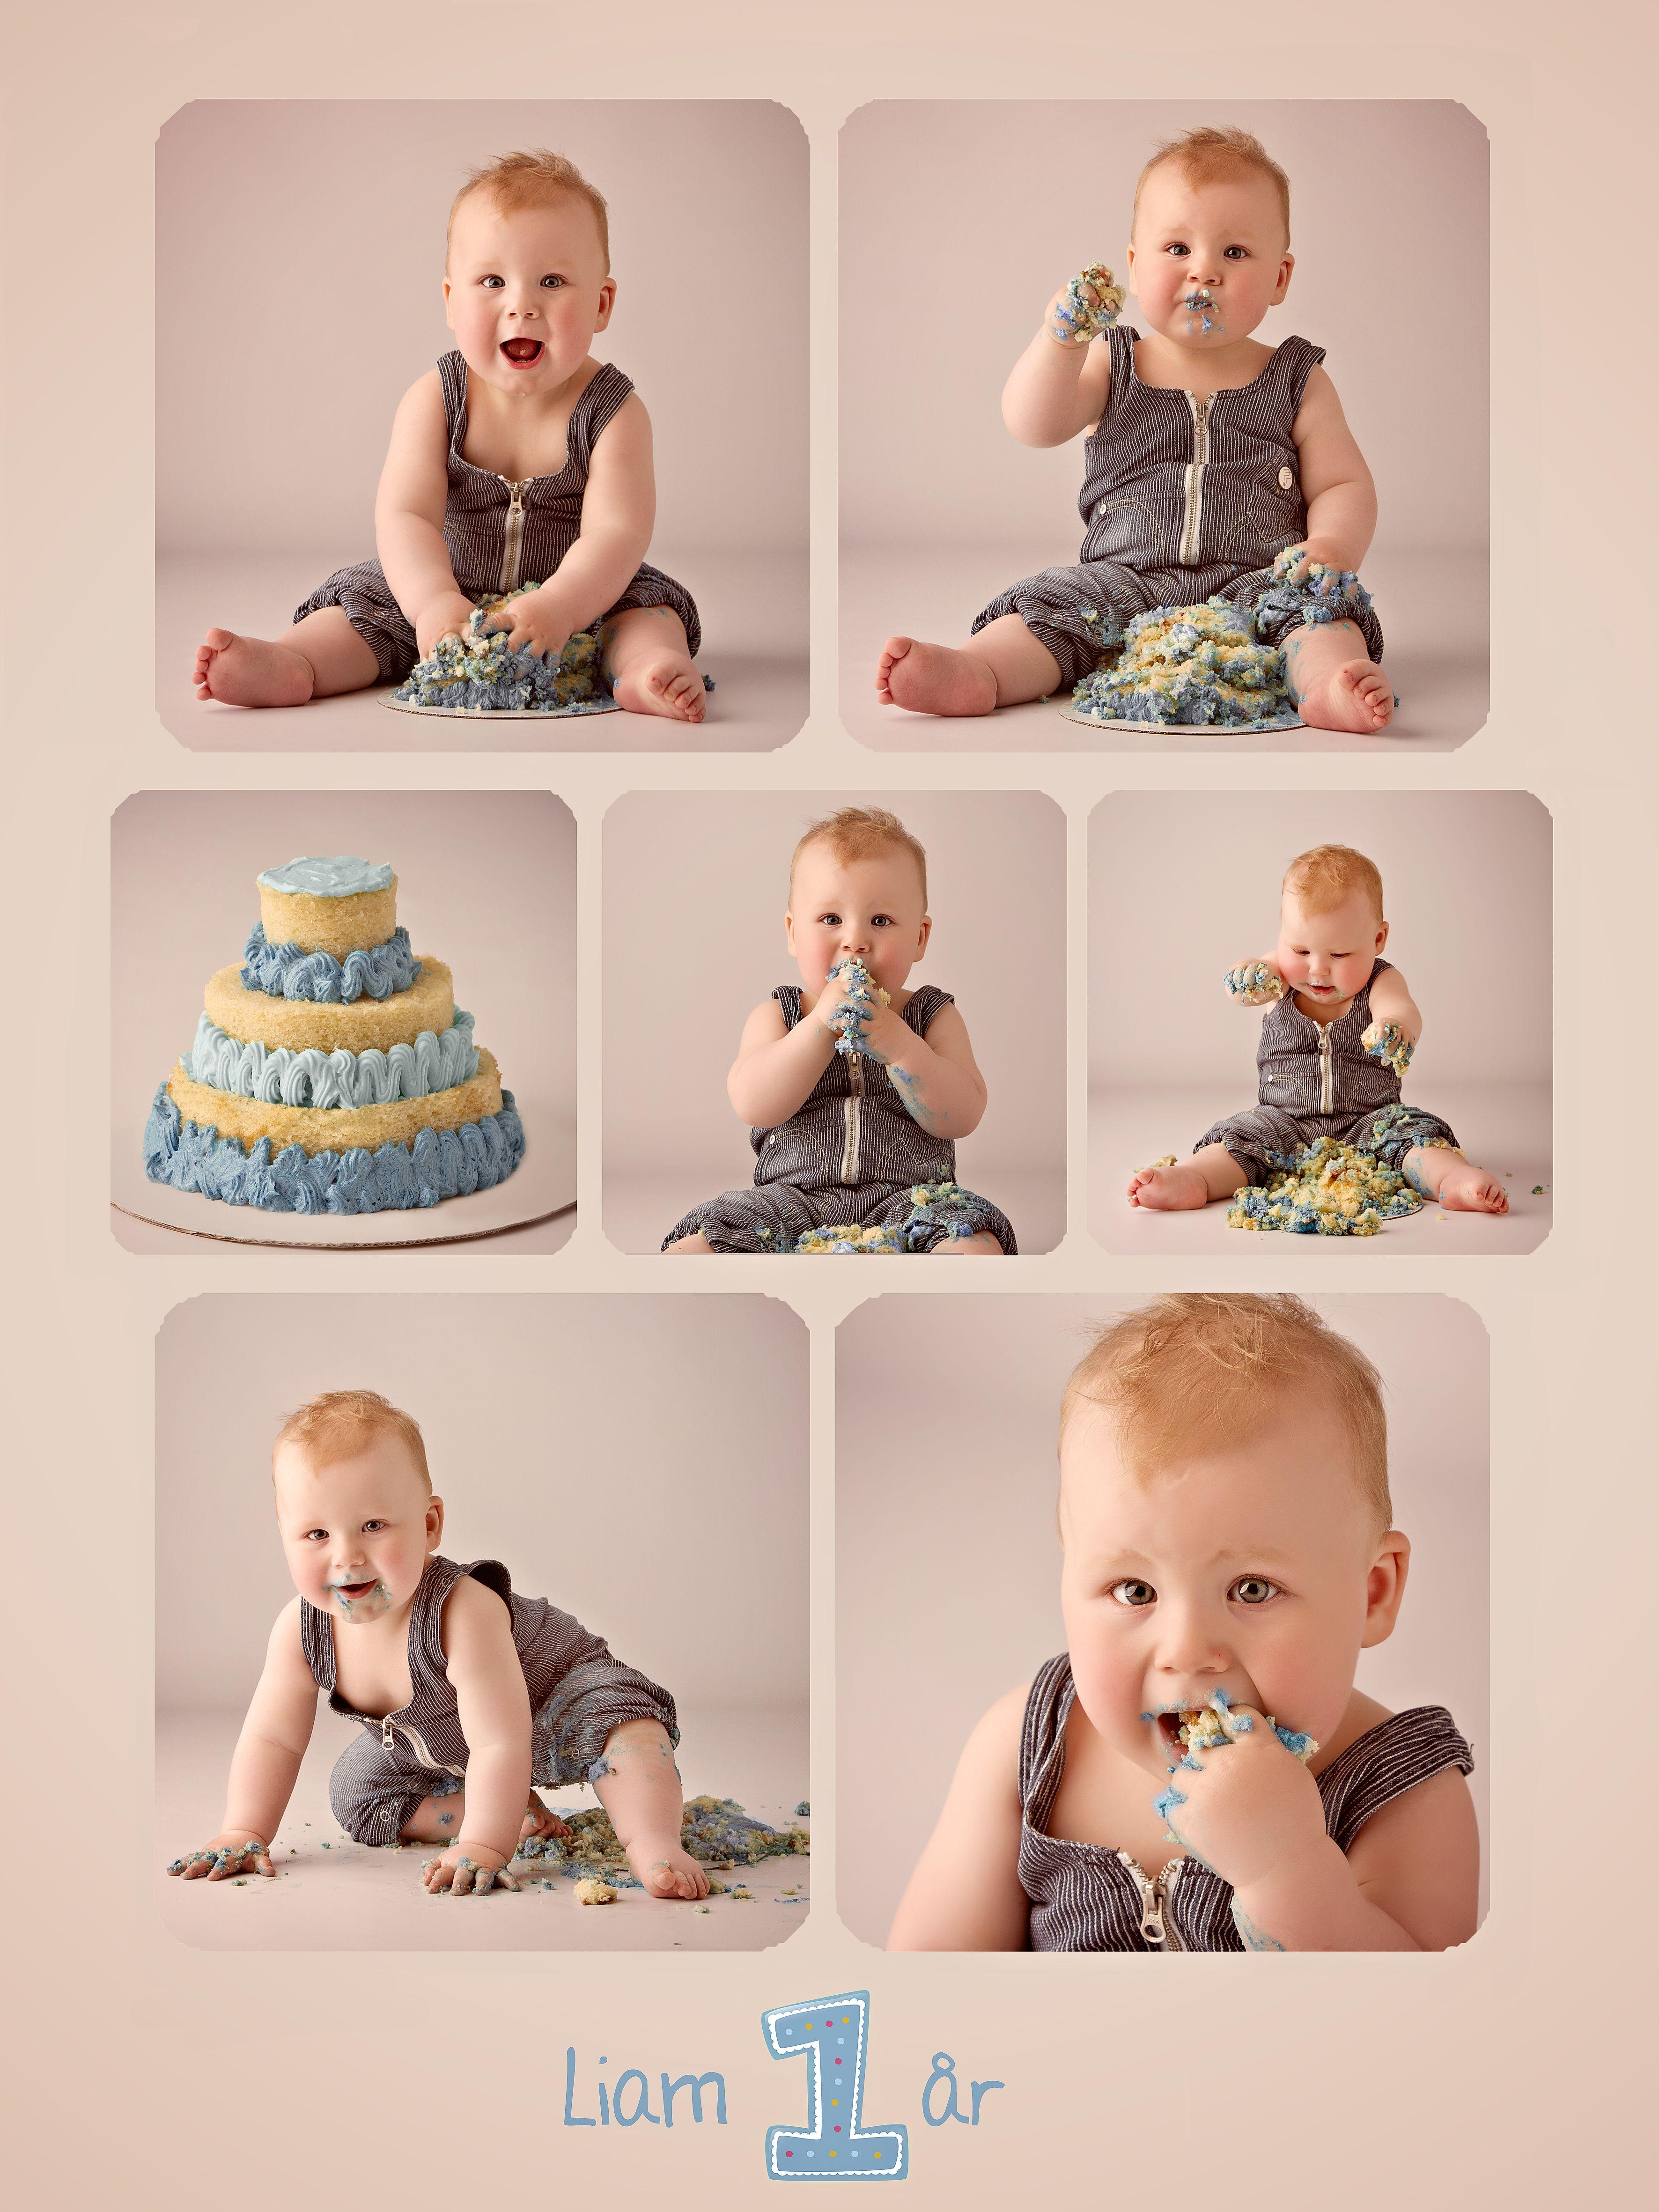 kage billede, 1 års fødselsdag, gave 1 år, cake smash, smash cake, 1 års fotografering, fotograf børn, børne billeder